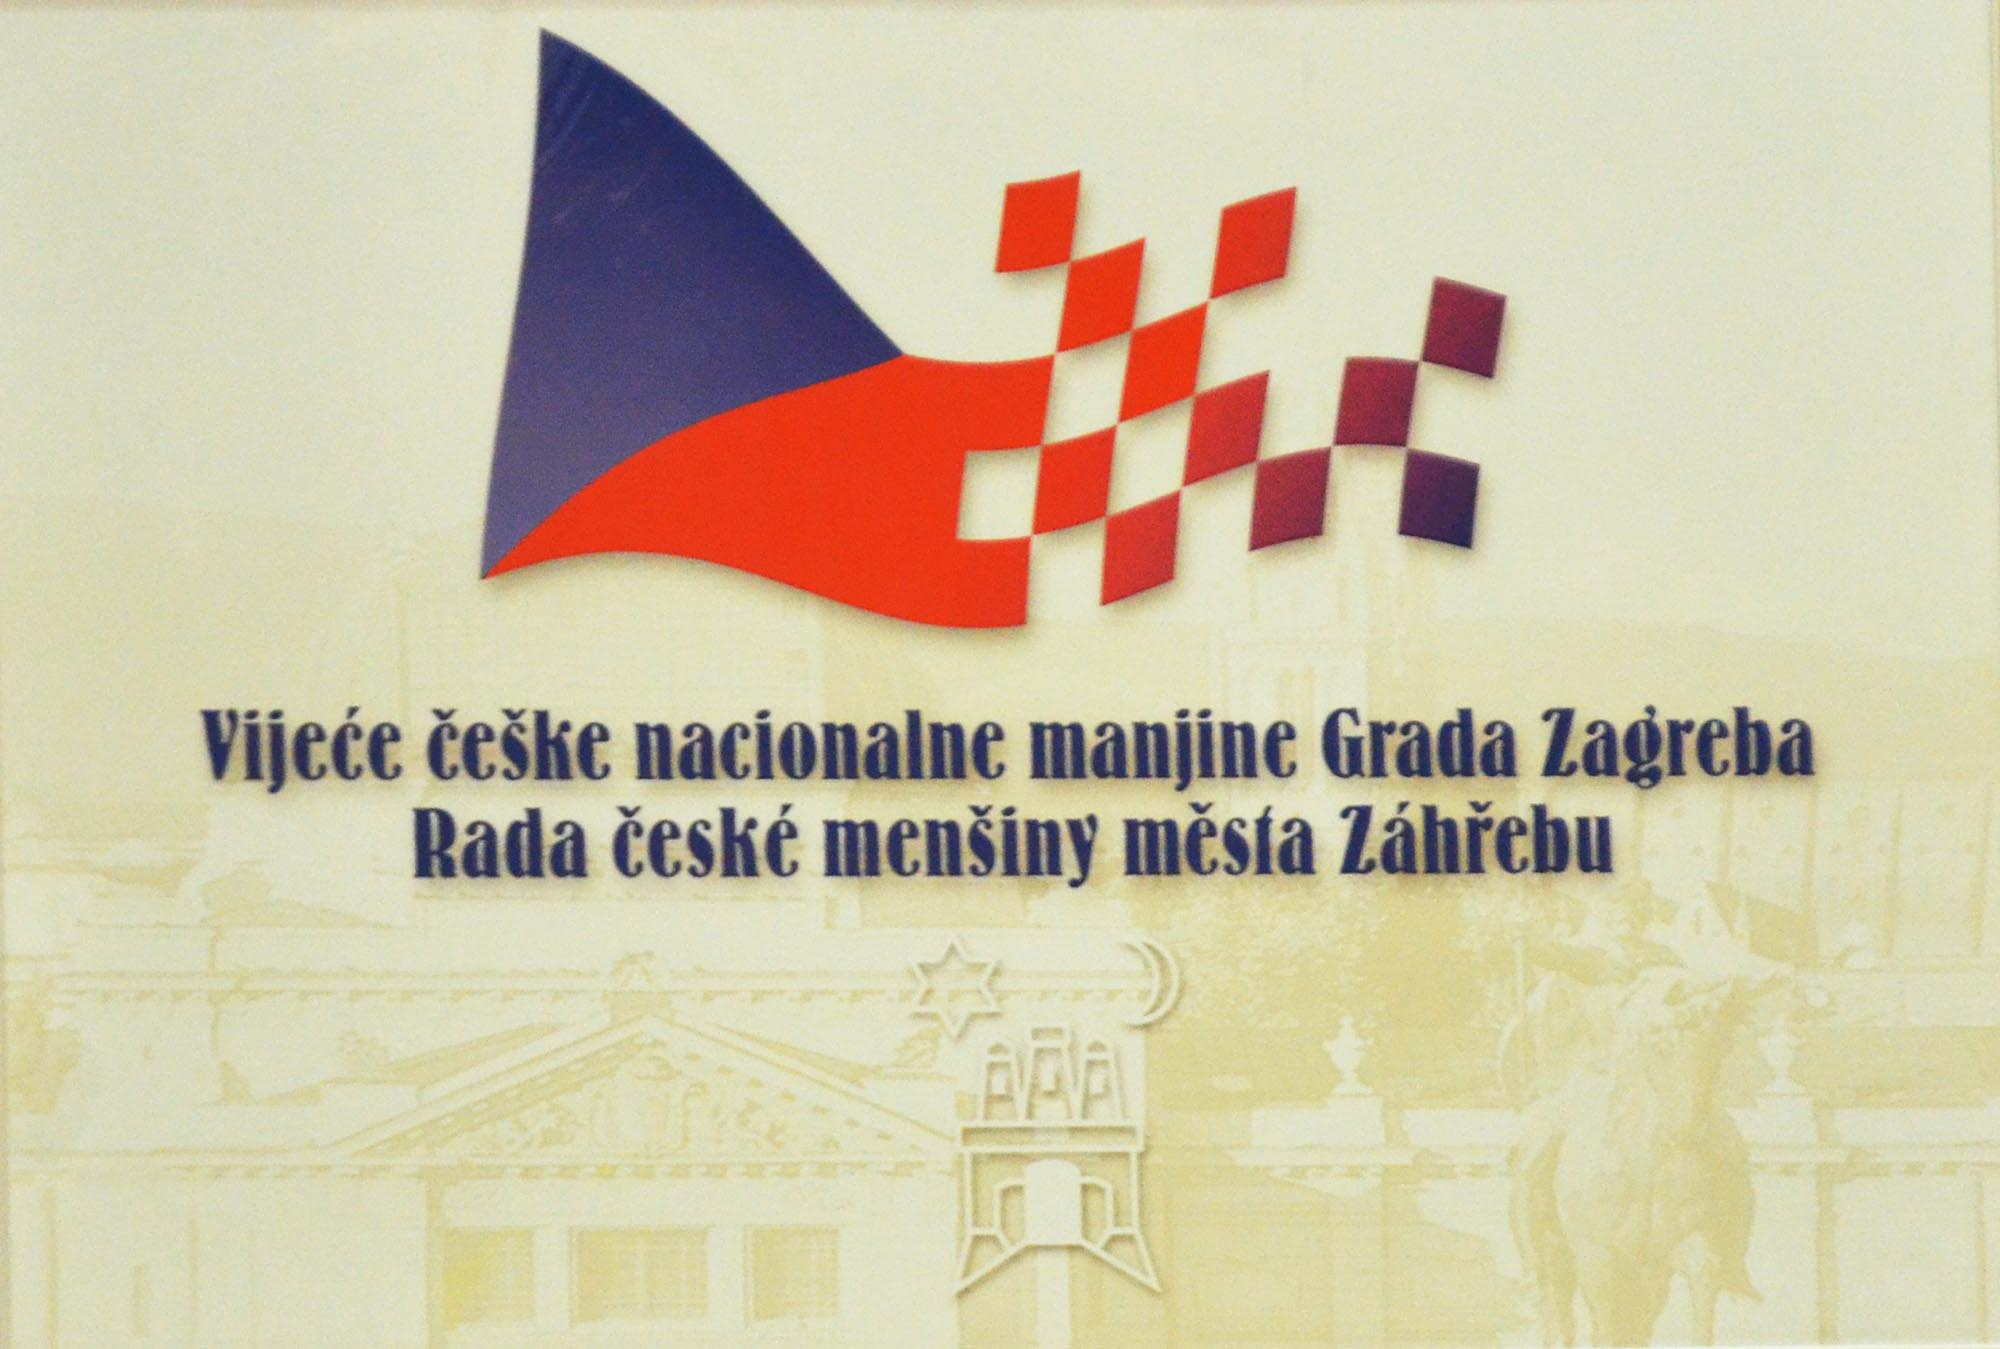 Dan Vijeca Ceske Nacion. Manjine (1)